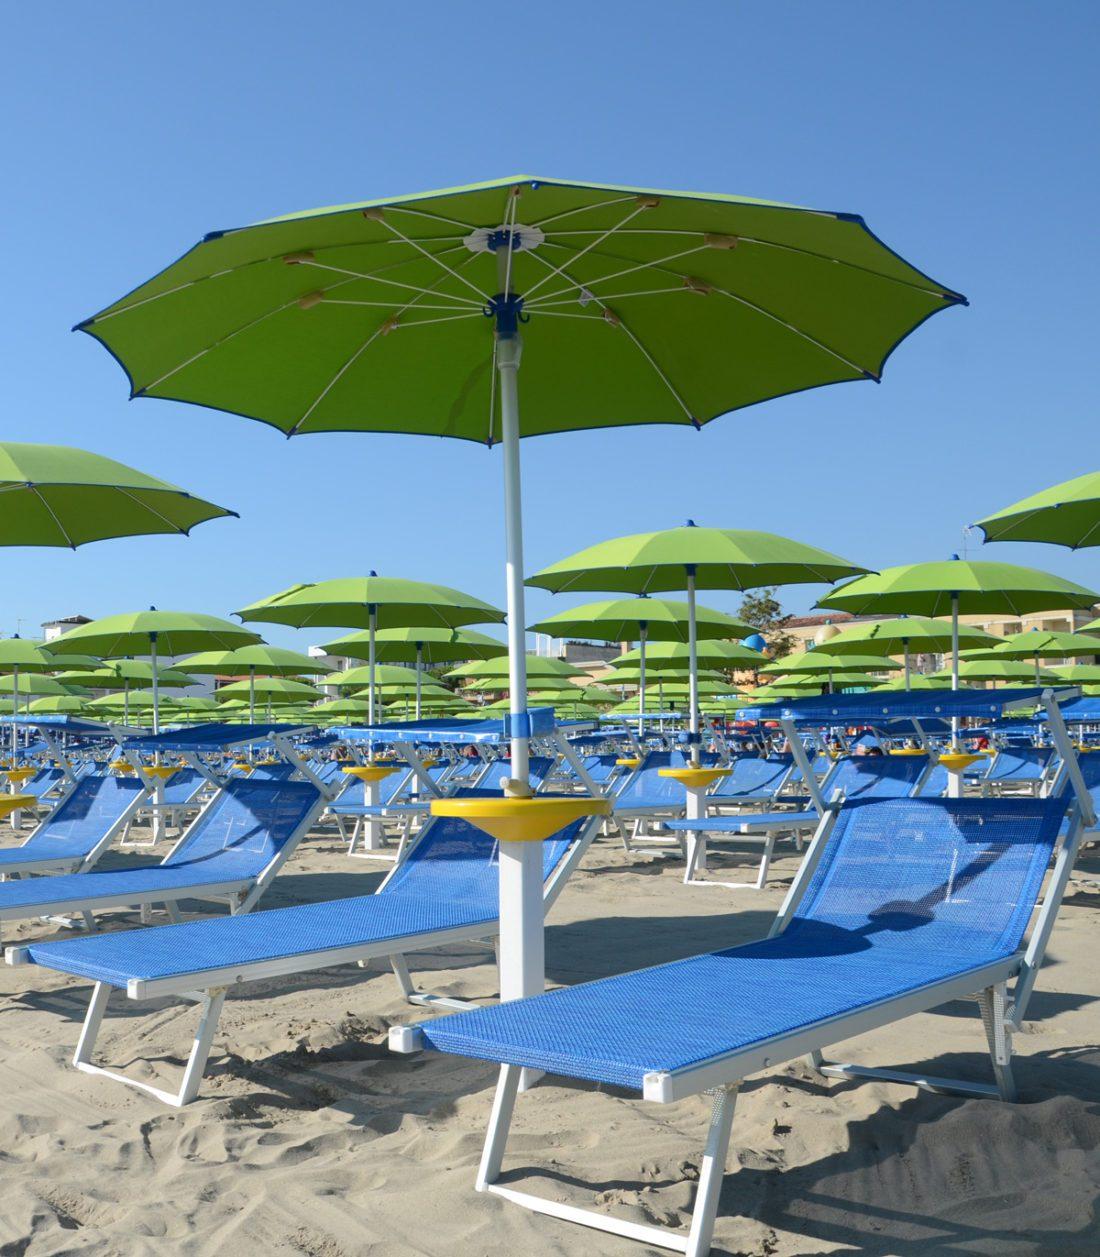 Spiaggia classico no panta - Tessitura Selva - arredi e attrezzatura da spiaggia e giardini